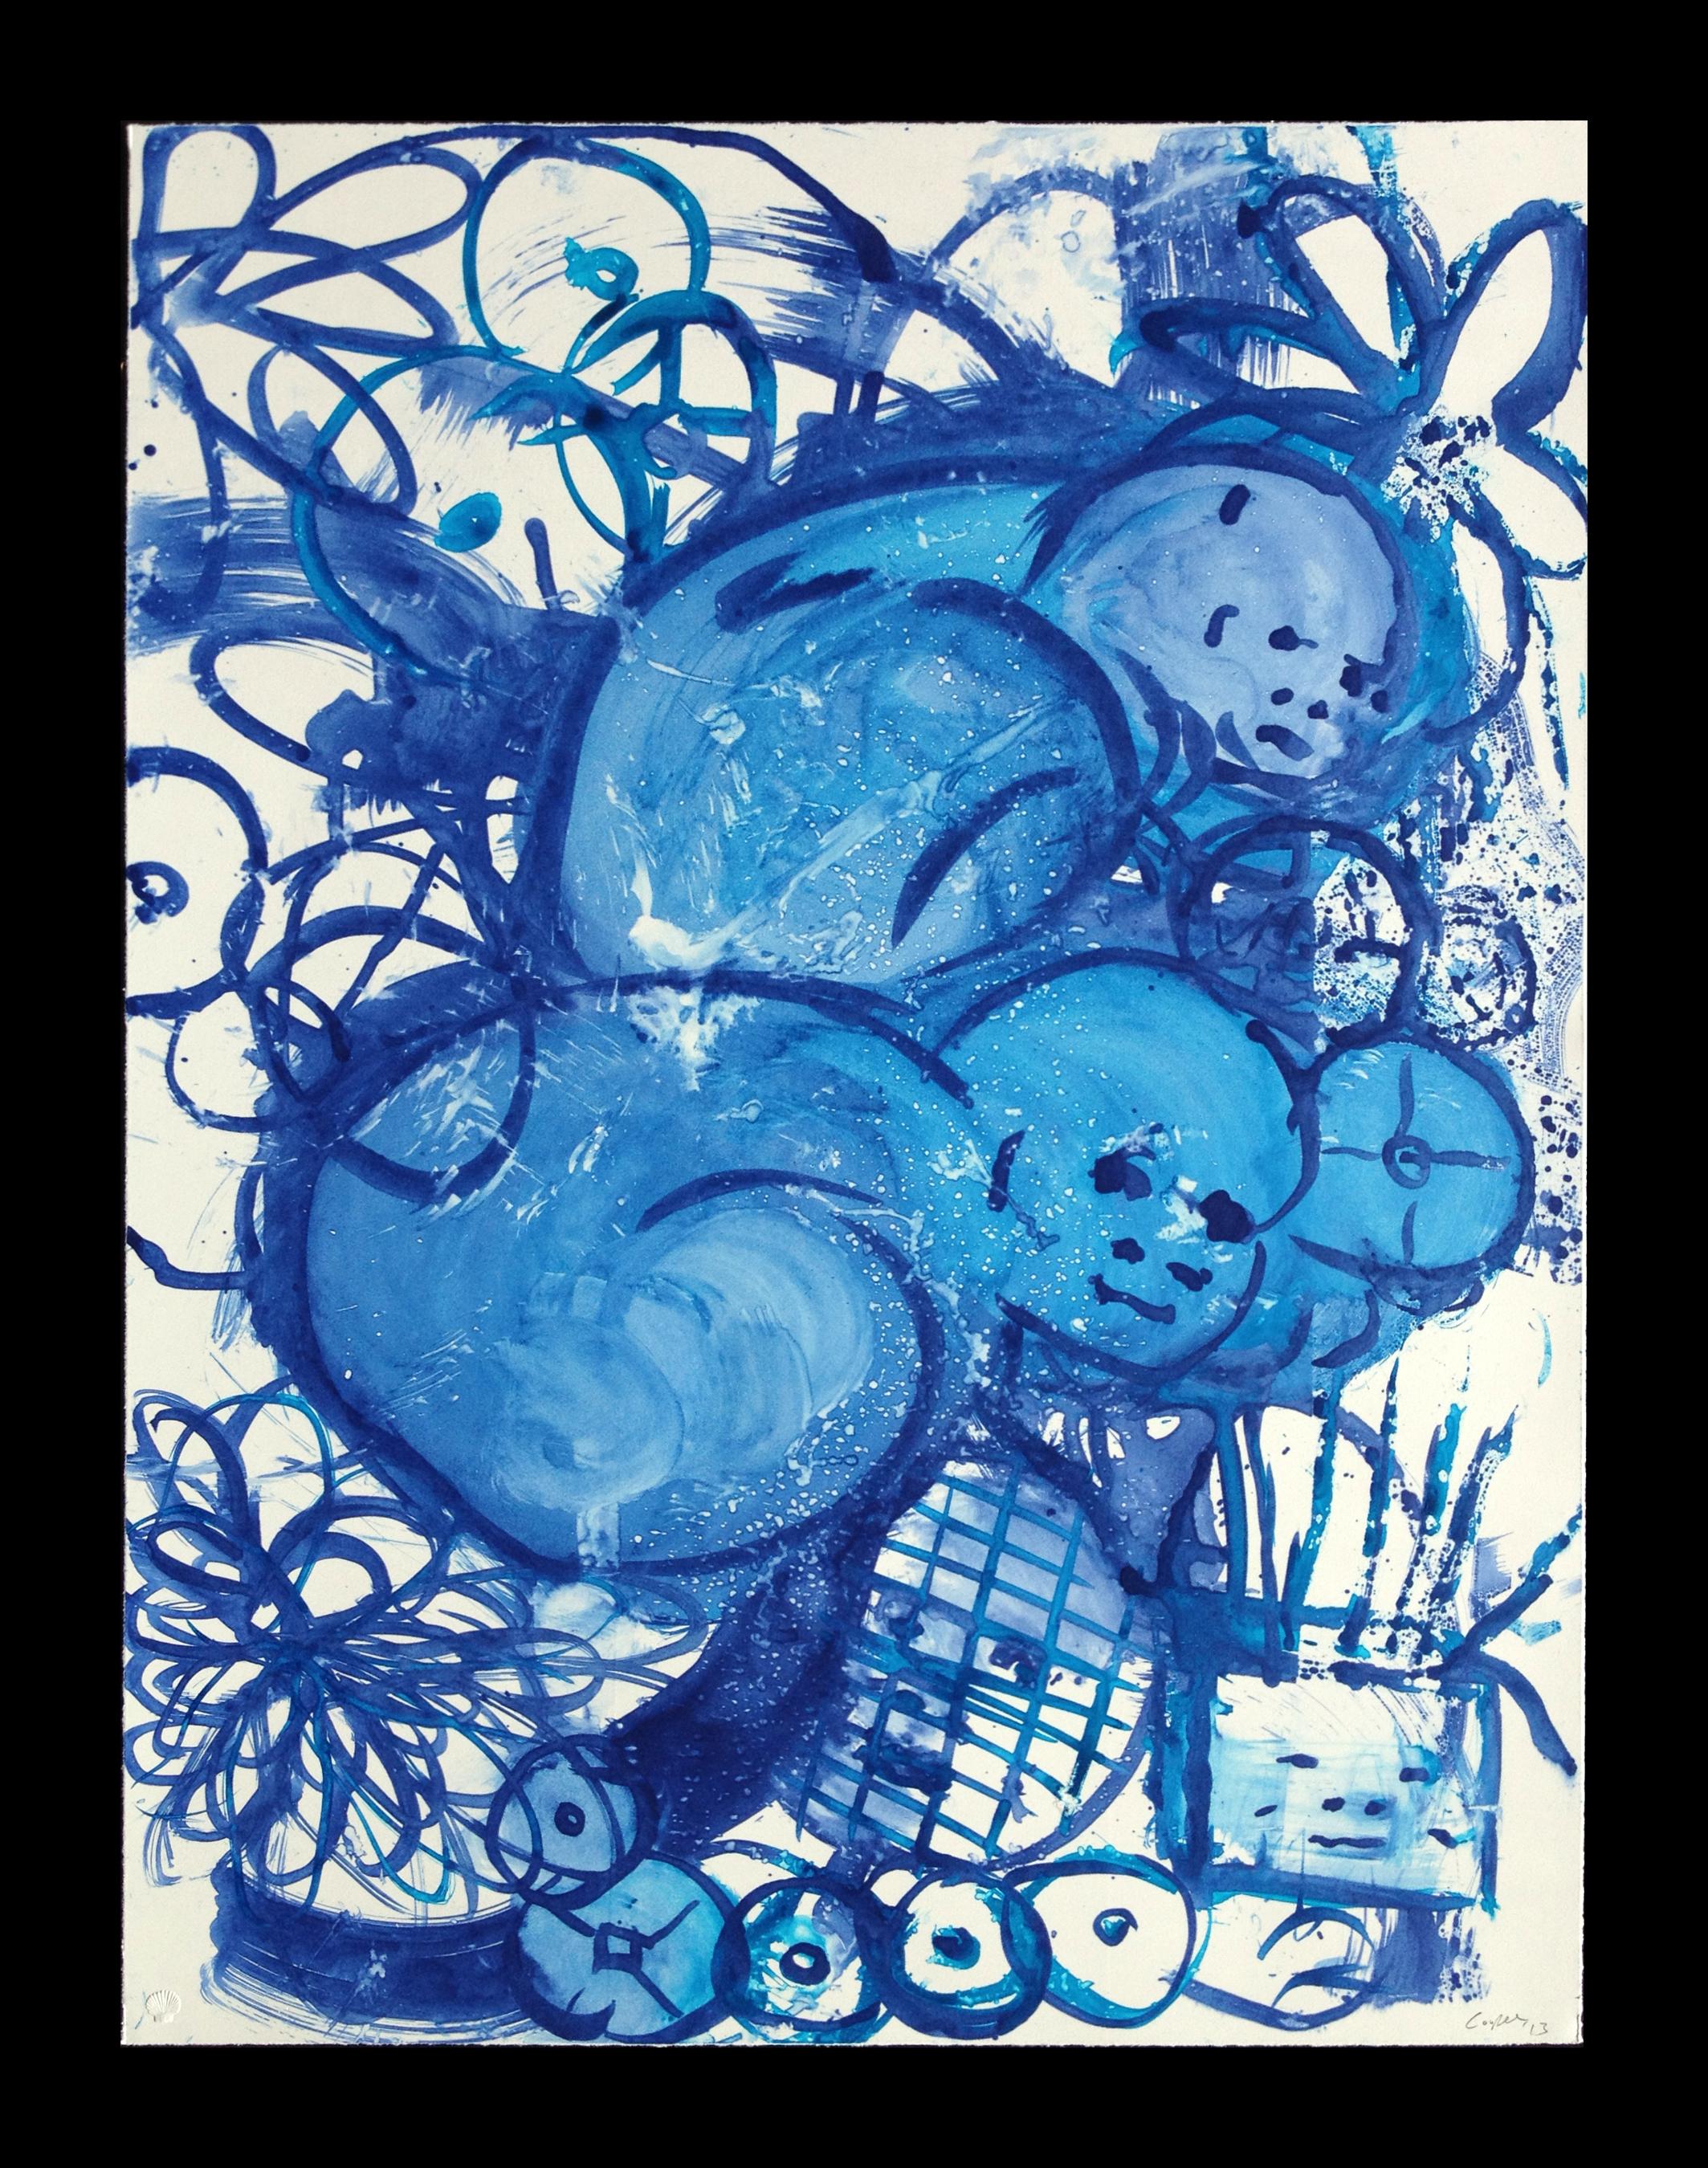 Lulu Blue 2